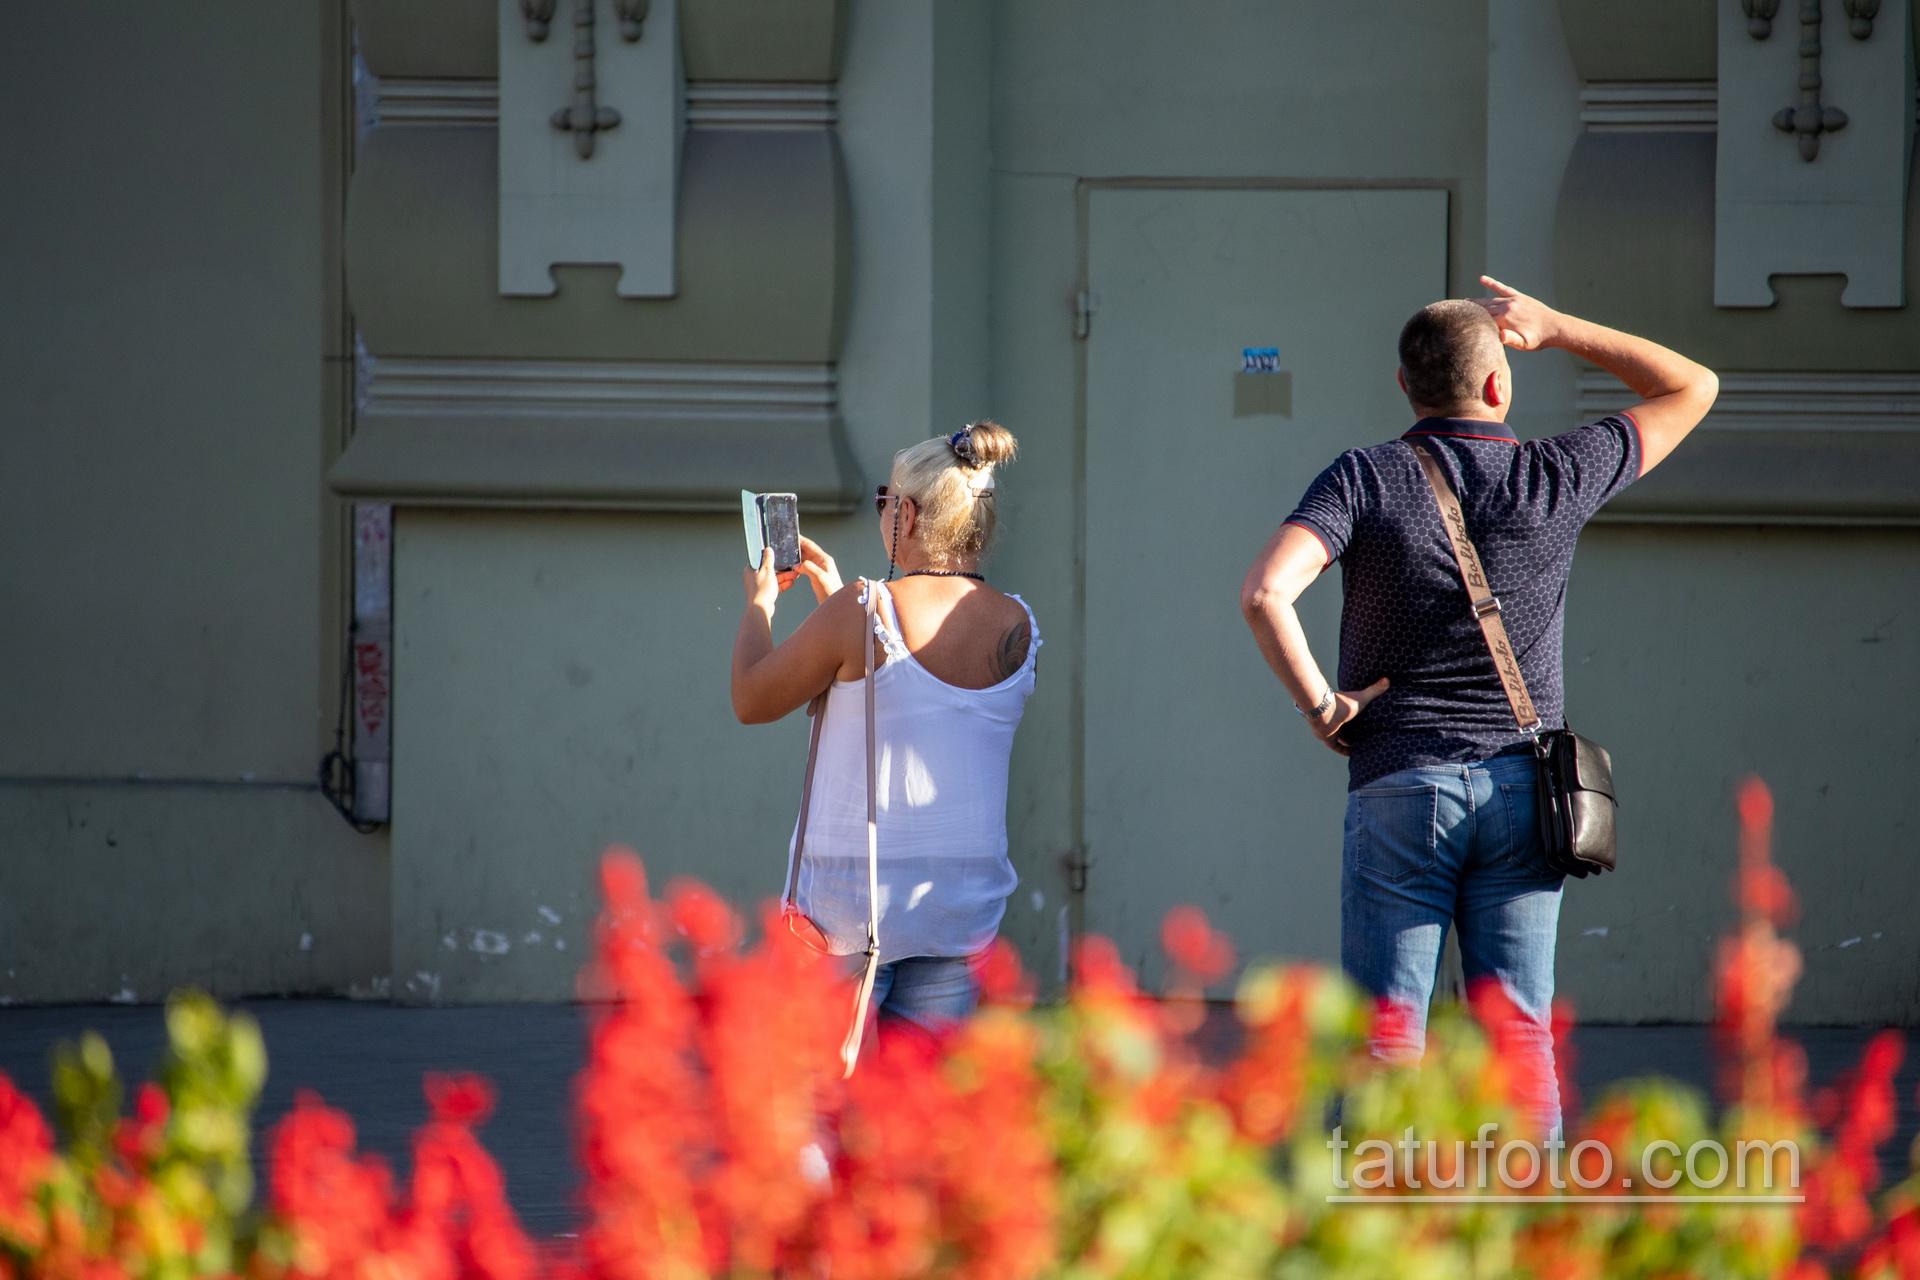 Цветная тату со славянскими рунами на правой лопатке женщины – Уличная татуировка 14.09.2020 – tatufoto.com 1